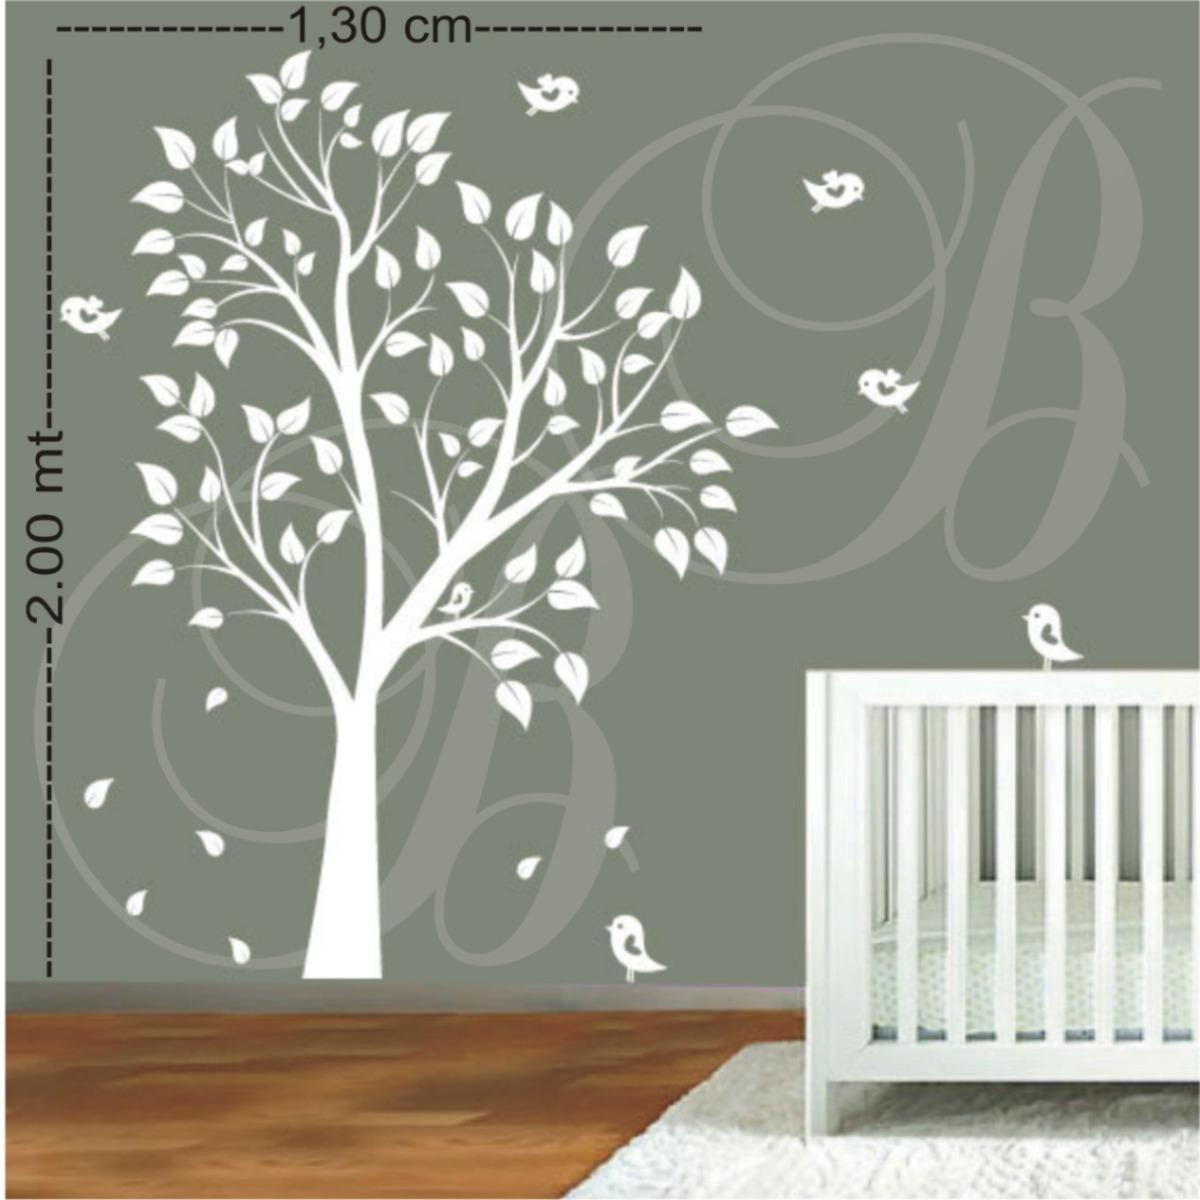 Artesanato Mobile Infantil Passo A Passo ~ Adesivo De Parede Decorativo Arvore Grande 2 00 R$ 129,00 em Mercado Livre